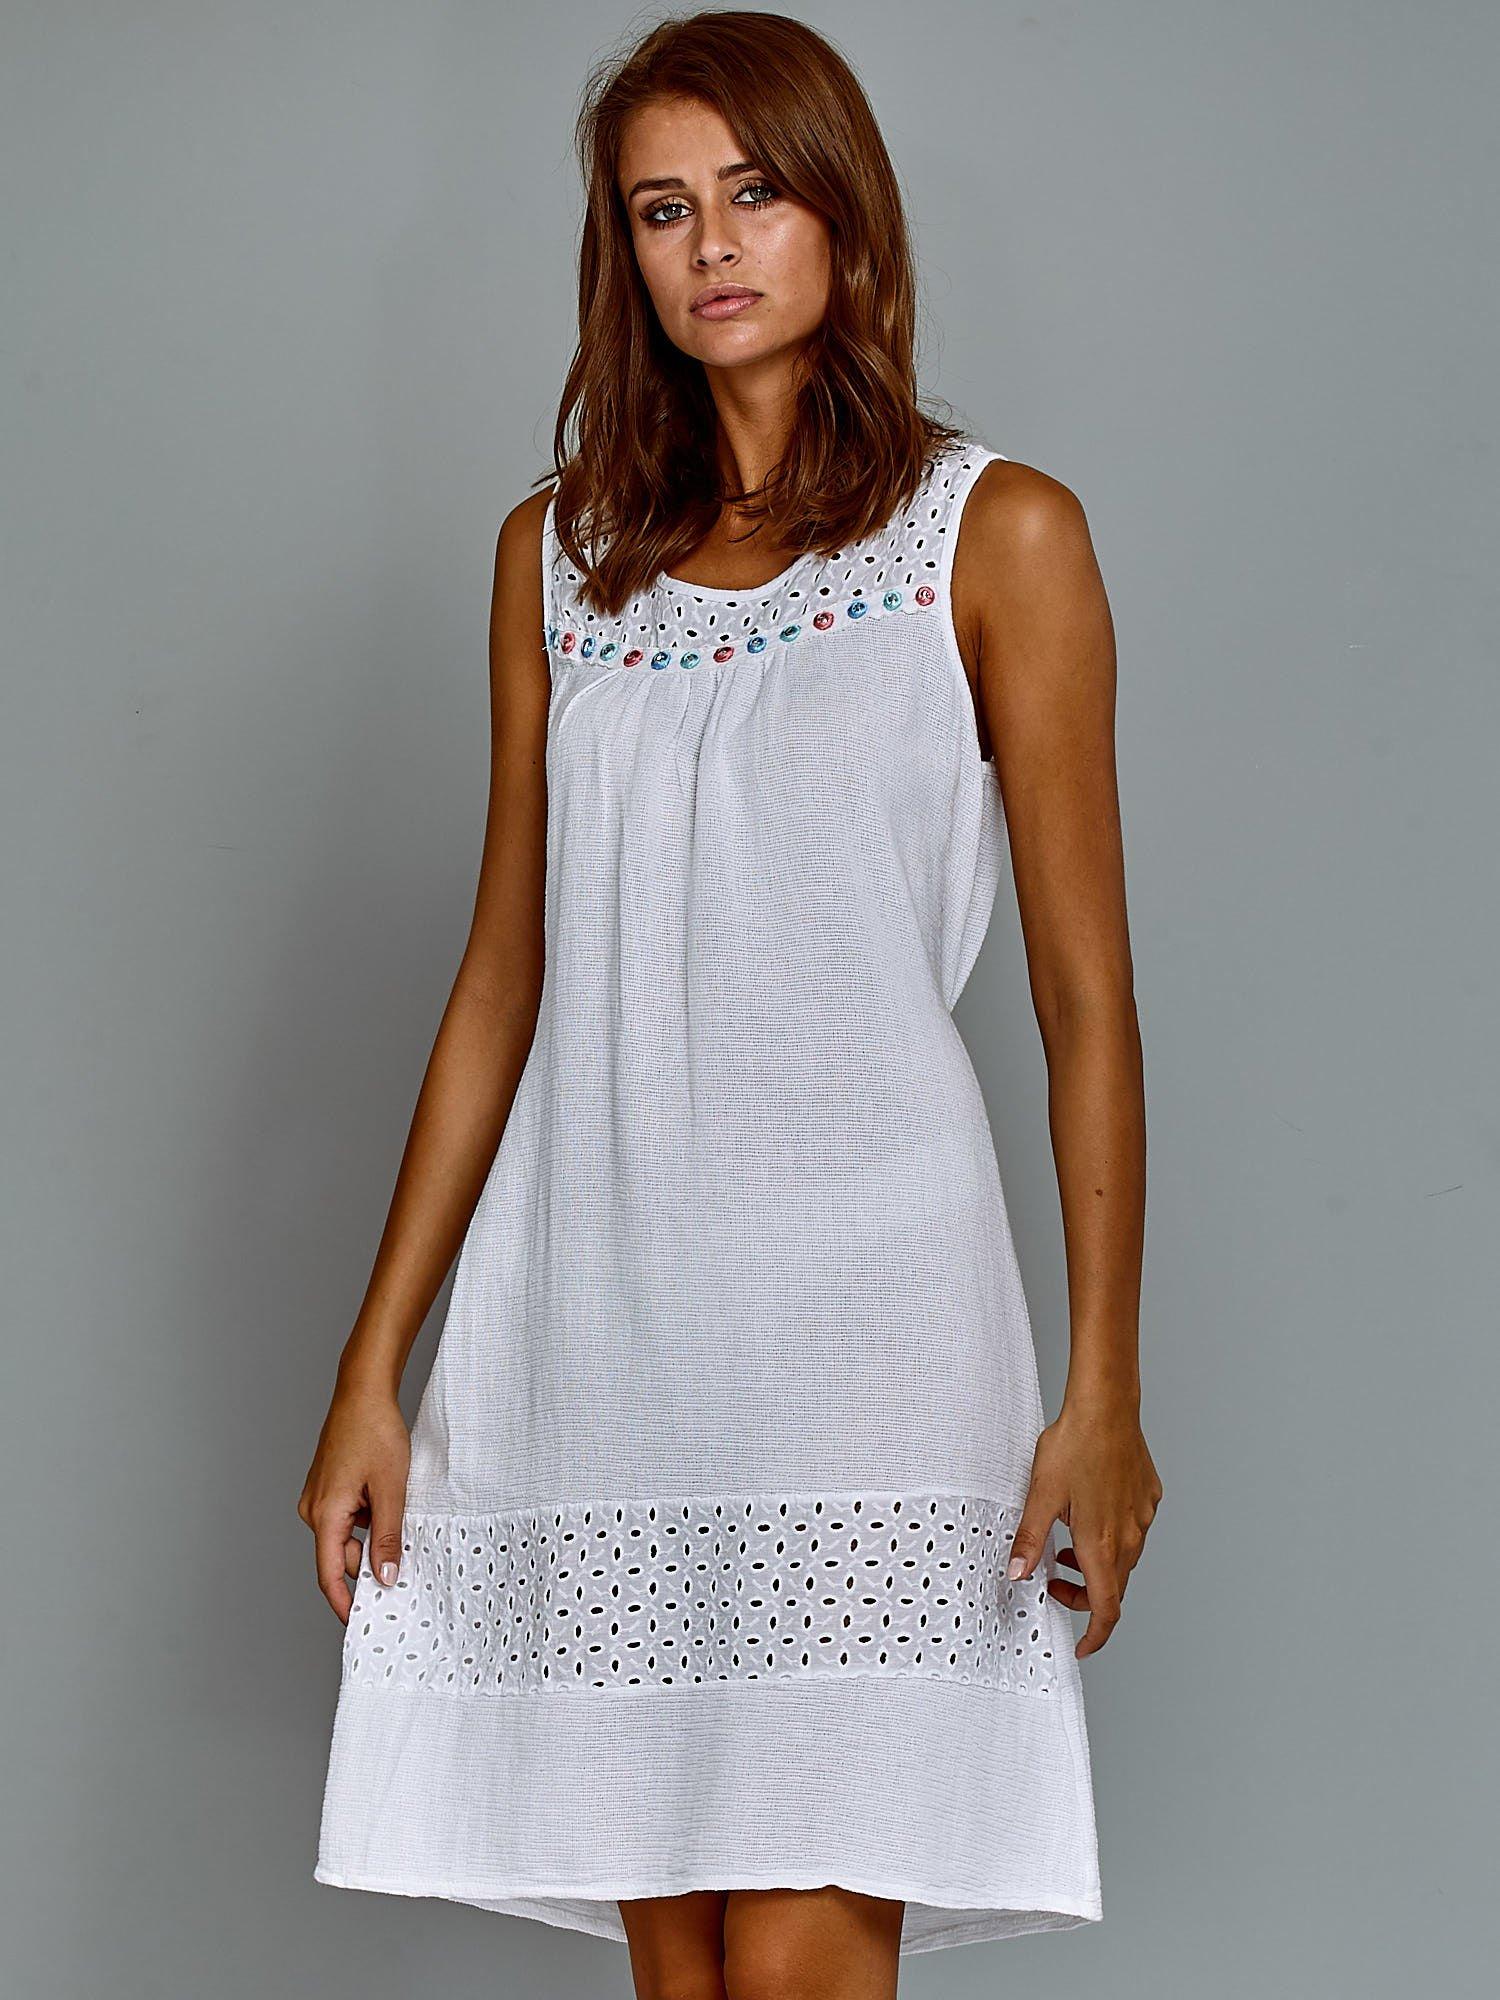 86fbb34b6a Bawełniana sukienka letnia z domieszką lnu biała - Sukienka na co ...